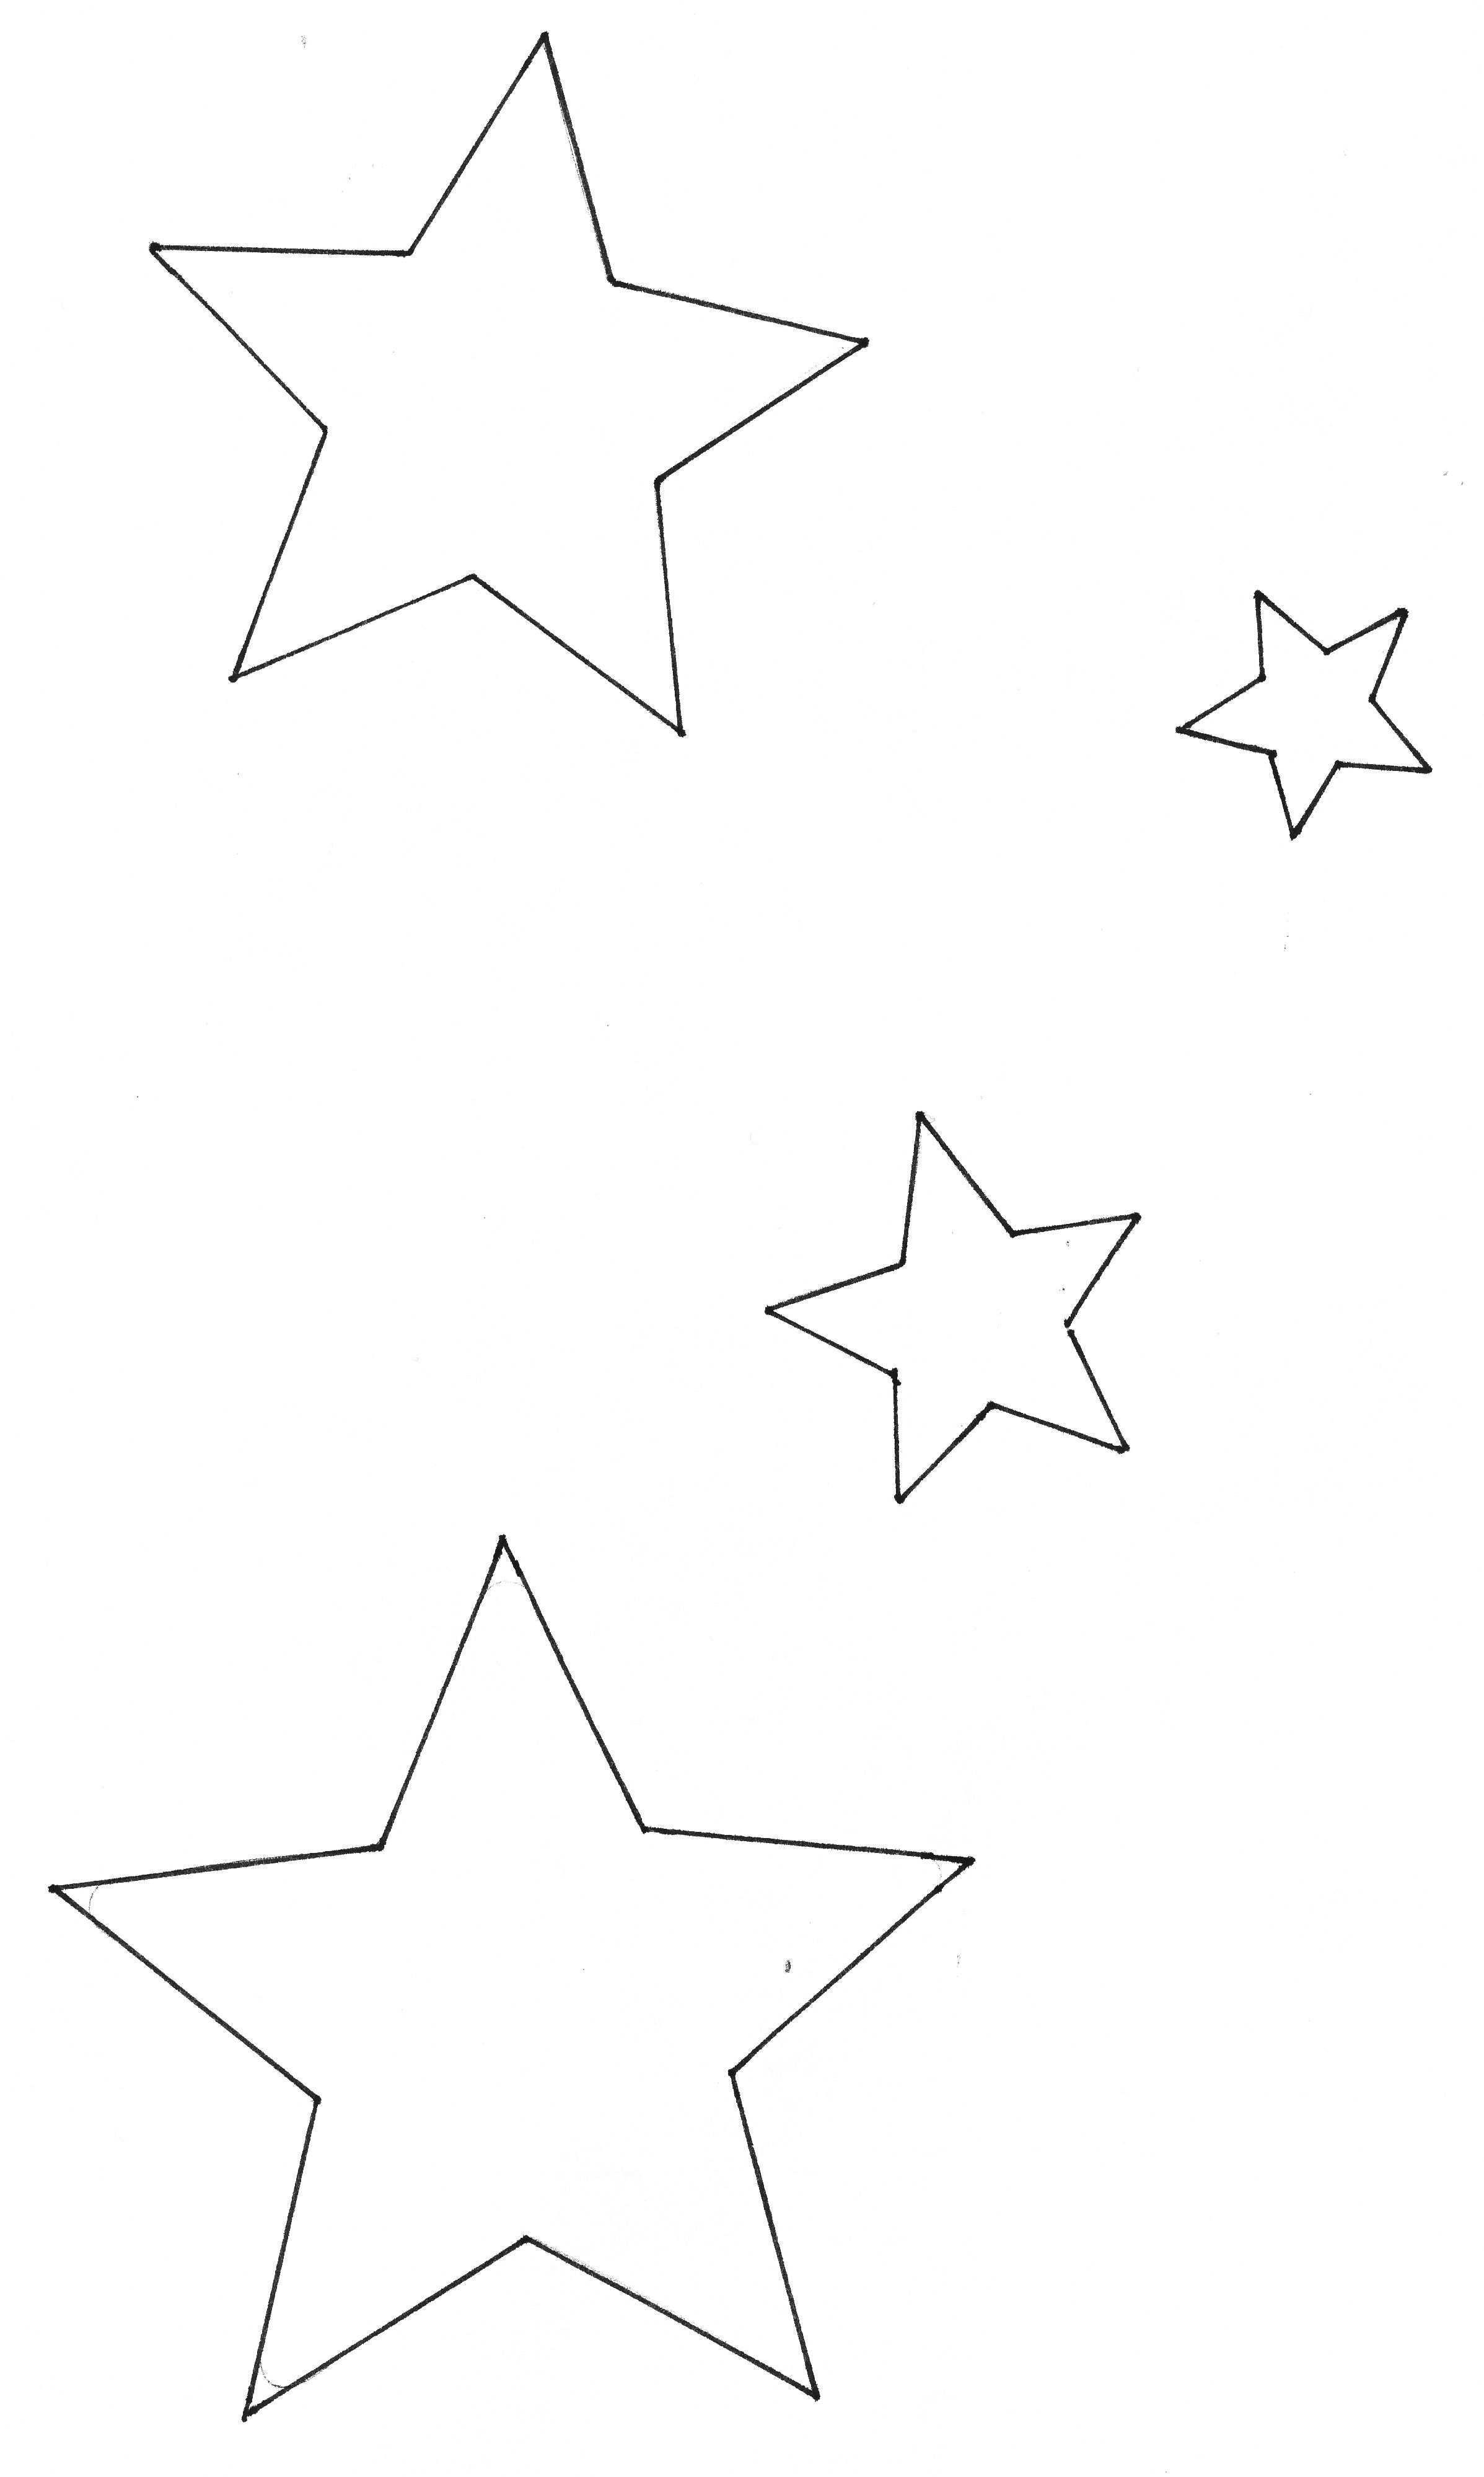 Schablonen Sterne Selber Machen Ausschneide Sterne Selber Machen Tutorium Vorlage Weihnachten Basteln Vorlagen Sterne Basteln Vorlage Weihnachtsbaum Vorlage